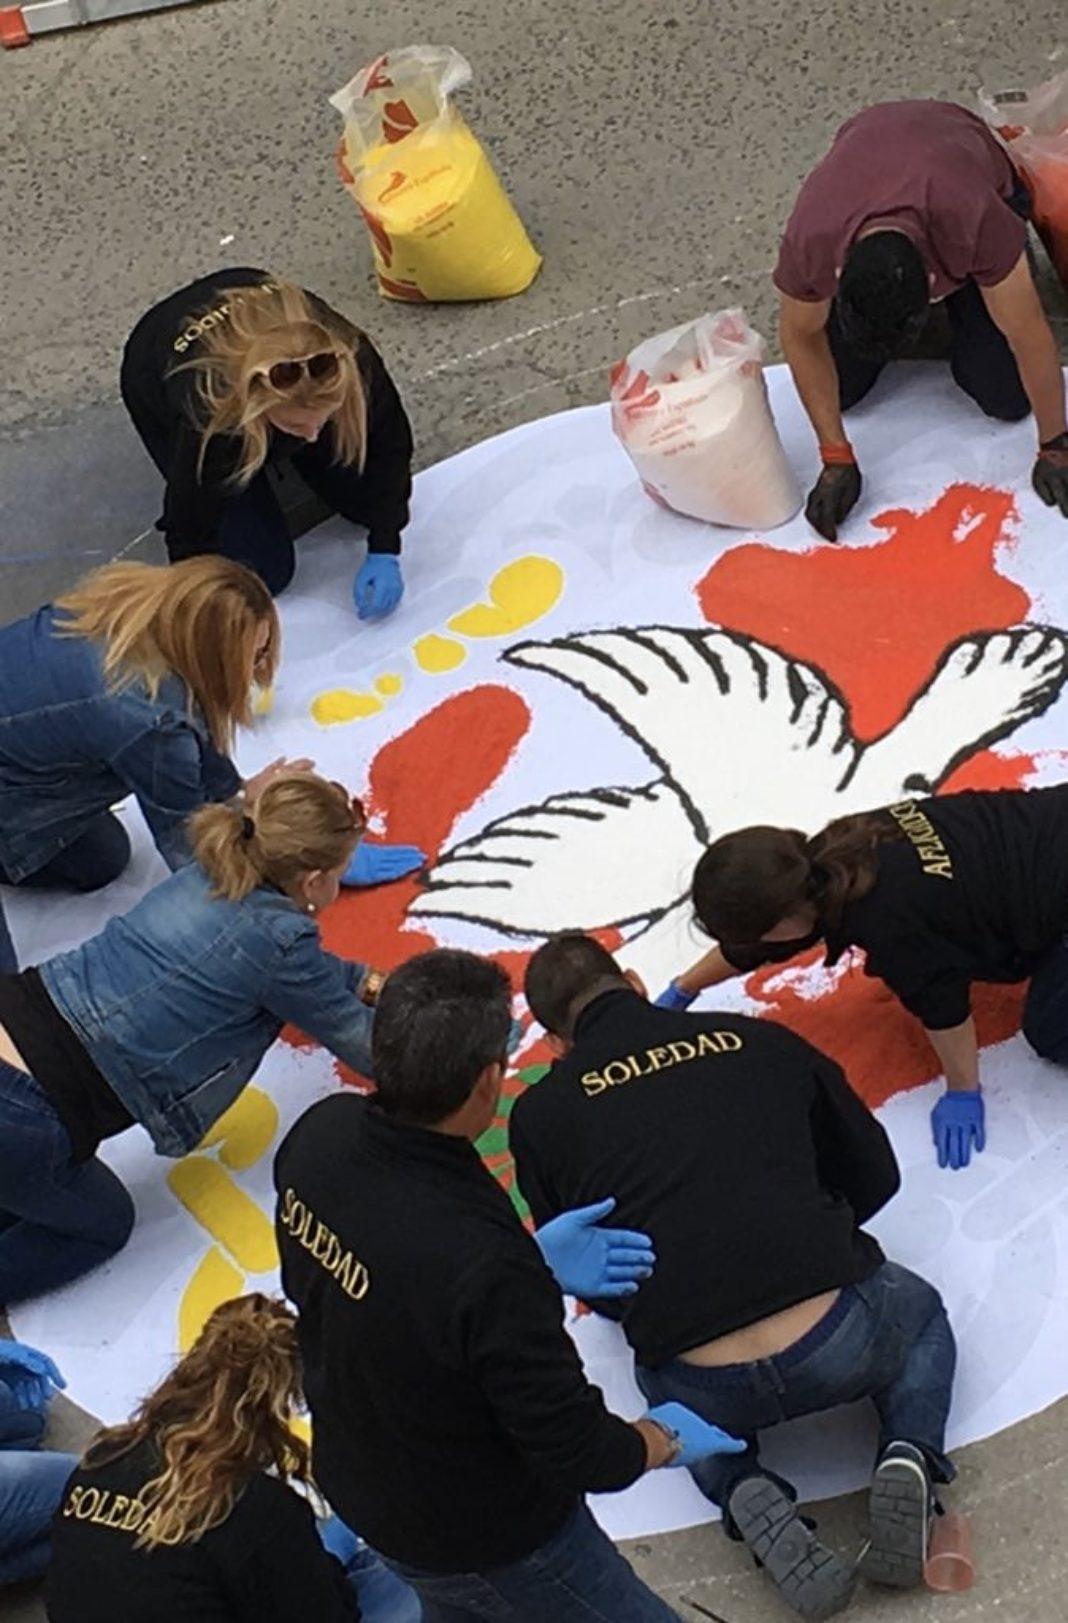 hermandad del santo 1068x1623 - La Hermandad del Santo crea un grupo de voluntarios para asistencia durante la crisis el coronavirus